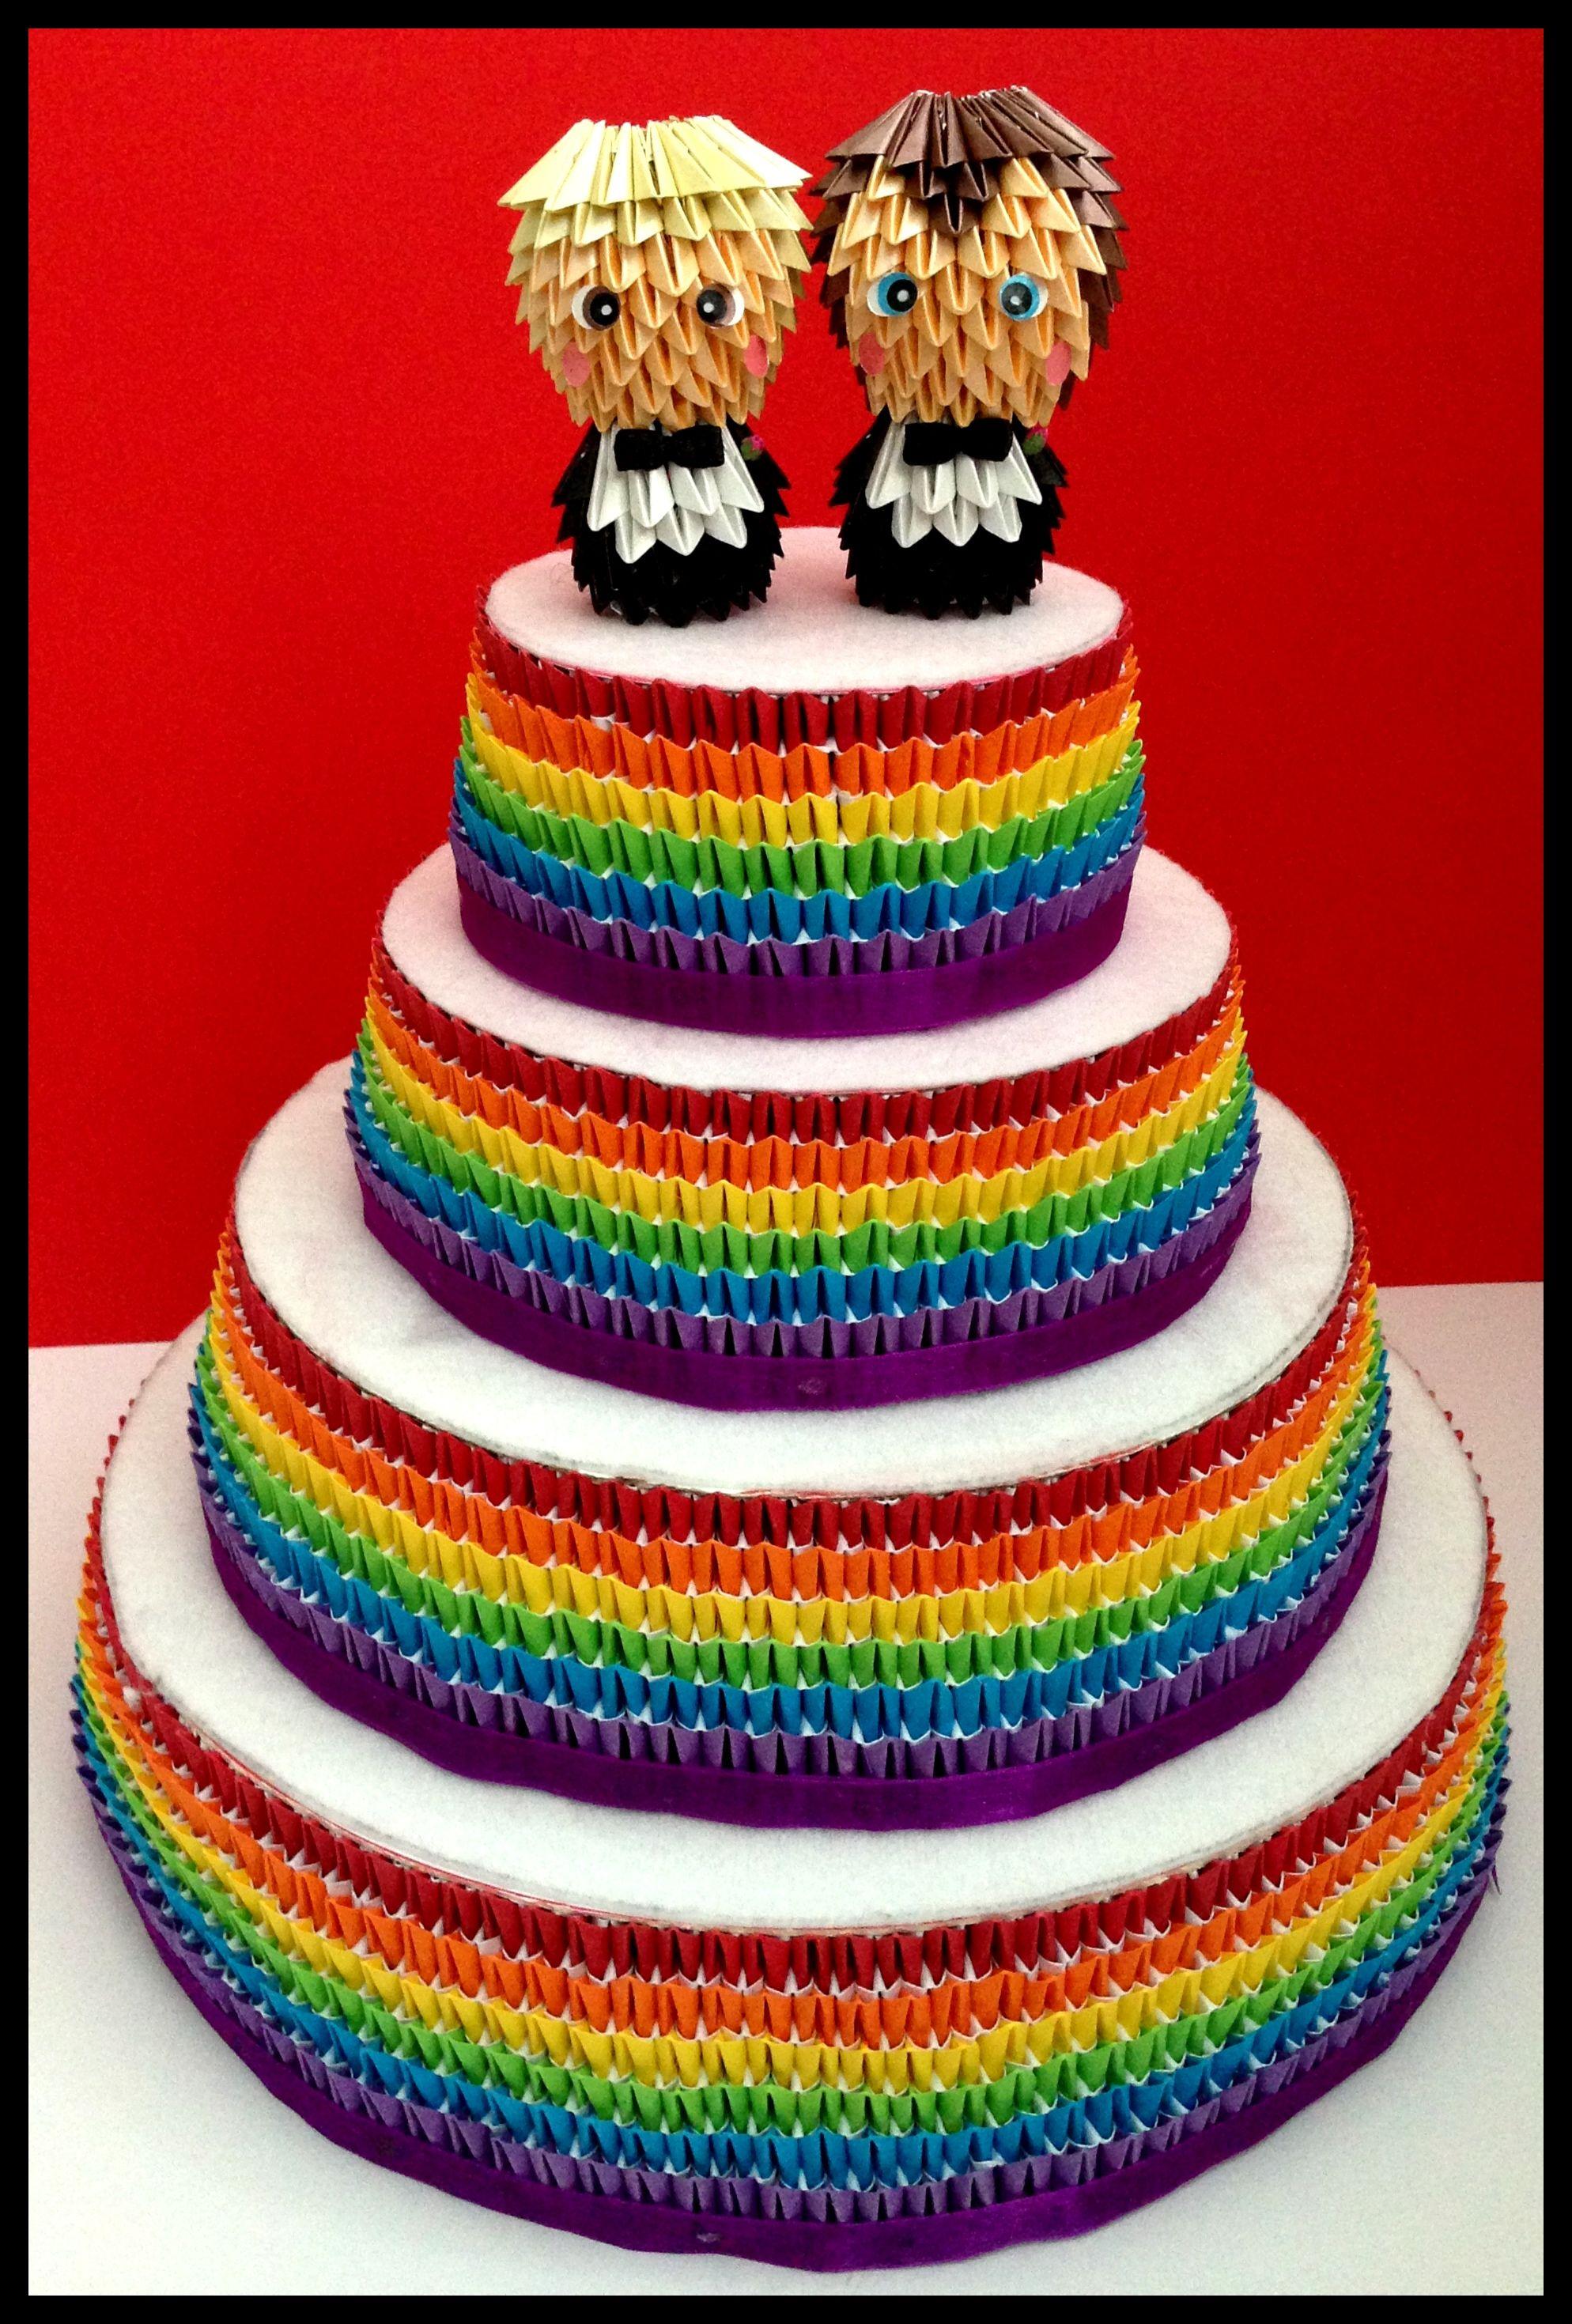 Groom Groom Gay Wedding Cake Toppers Gay Pride Wedding LGBT www